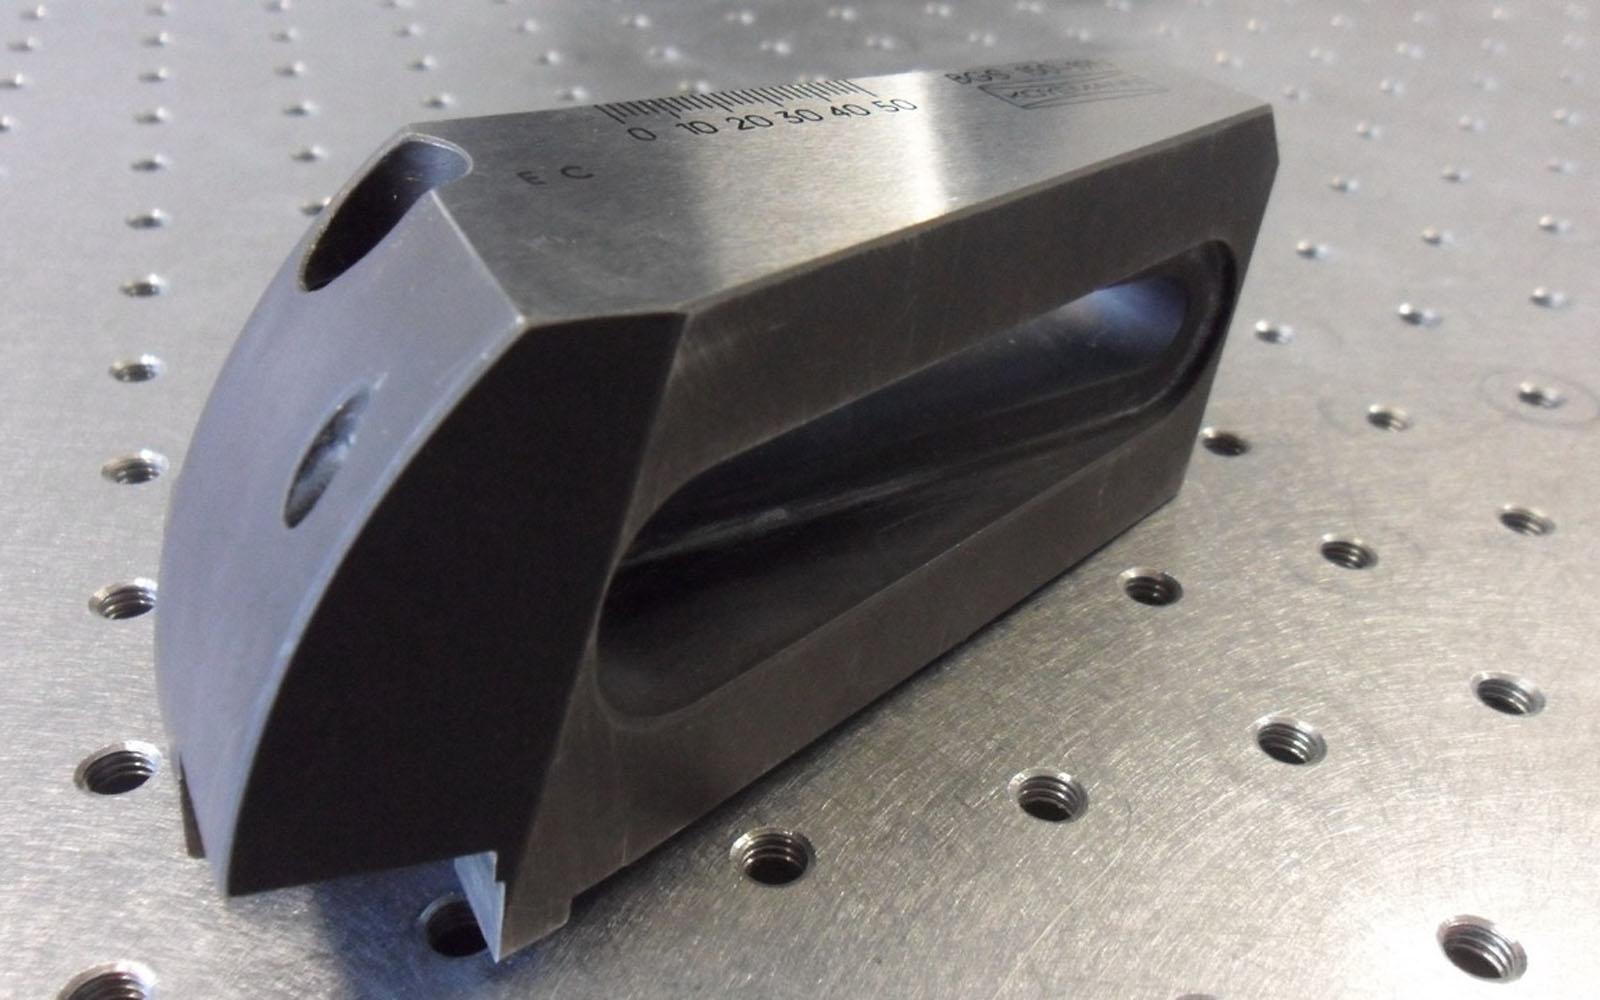 Conap 3D Reverse Engineering - Schneidenträger auf dem Messtisch